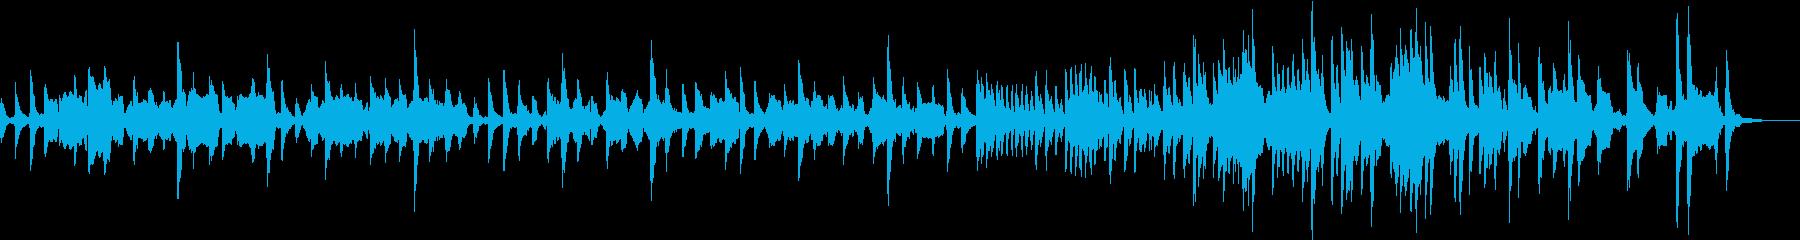 ピツィカートとオーボエの穏やかな曲の再生済みの波形